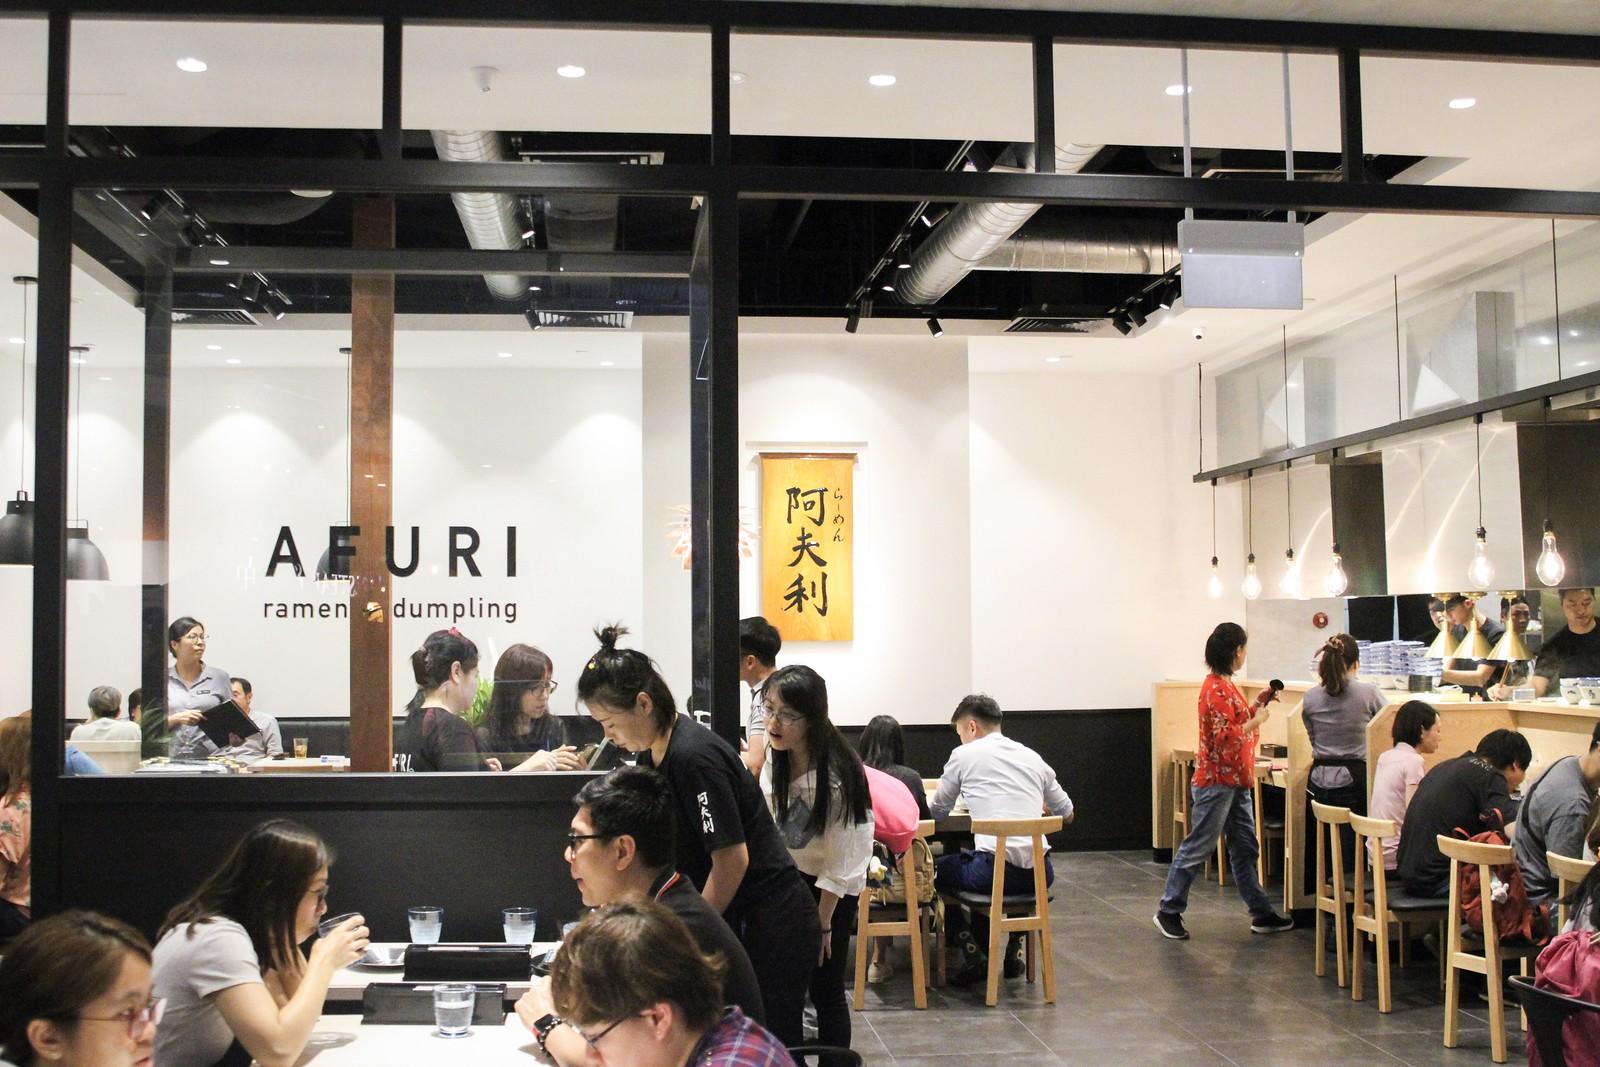 Afuri Ramen + Dumpling - If You Love Ramen, Yuzu Totally Check Afuri